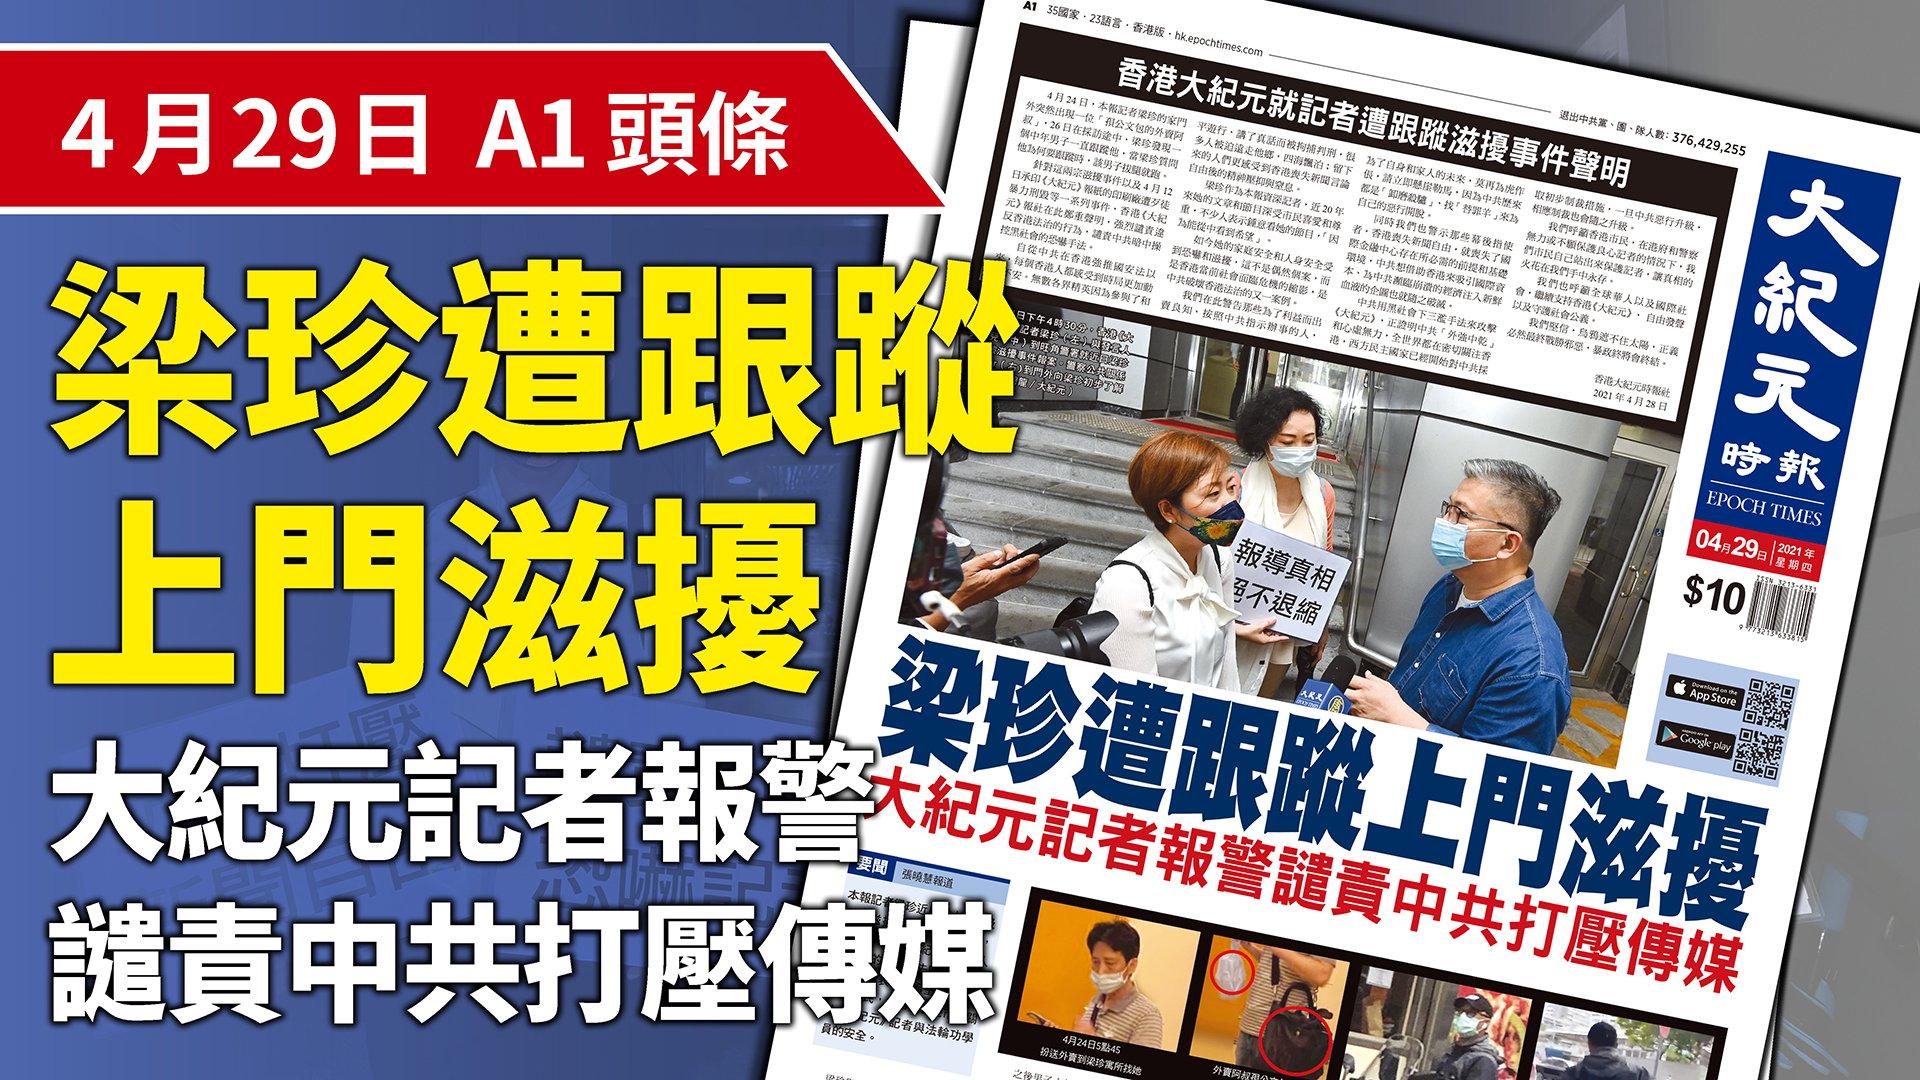 4月27日下午4時30分,香港《大紀元時報》記者梁珍(左)與發言人吳雪兒(中)到旺角警署就近日梁珍兩次被滋擾事件報案。警察公共關係科黃Sir(右)到門外向梁珍初步了解事件。(宋碧龍/大紀元)